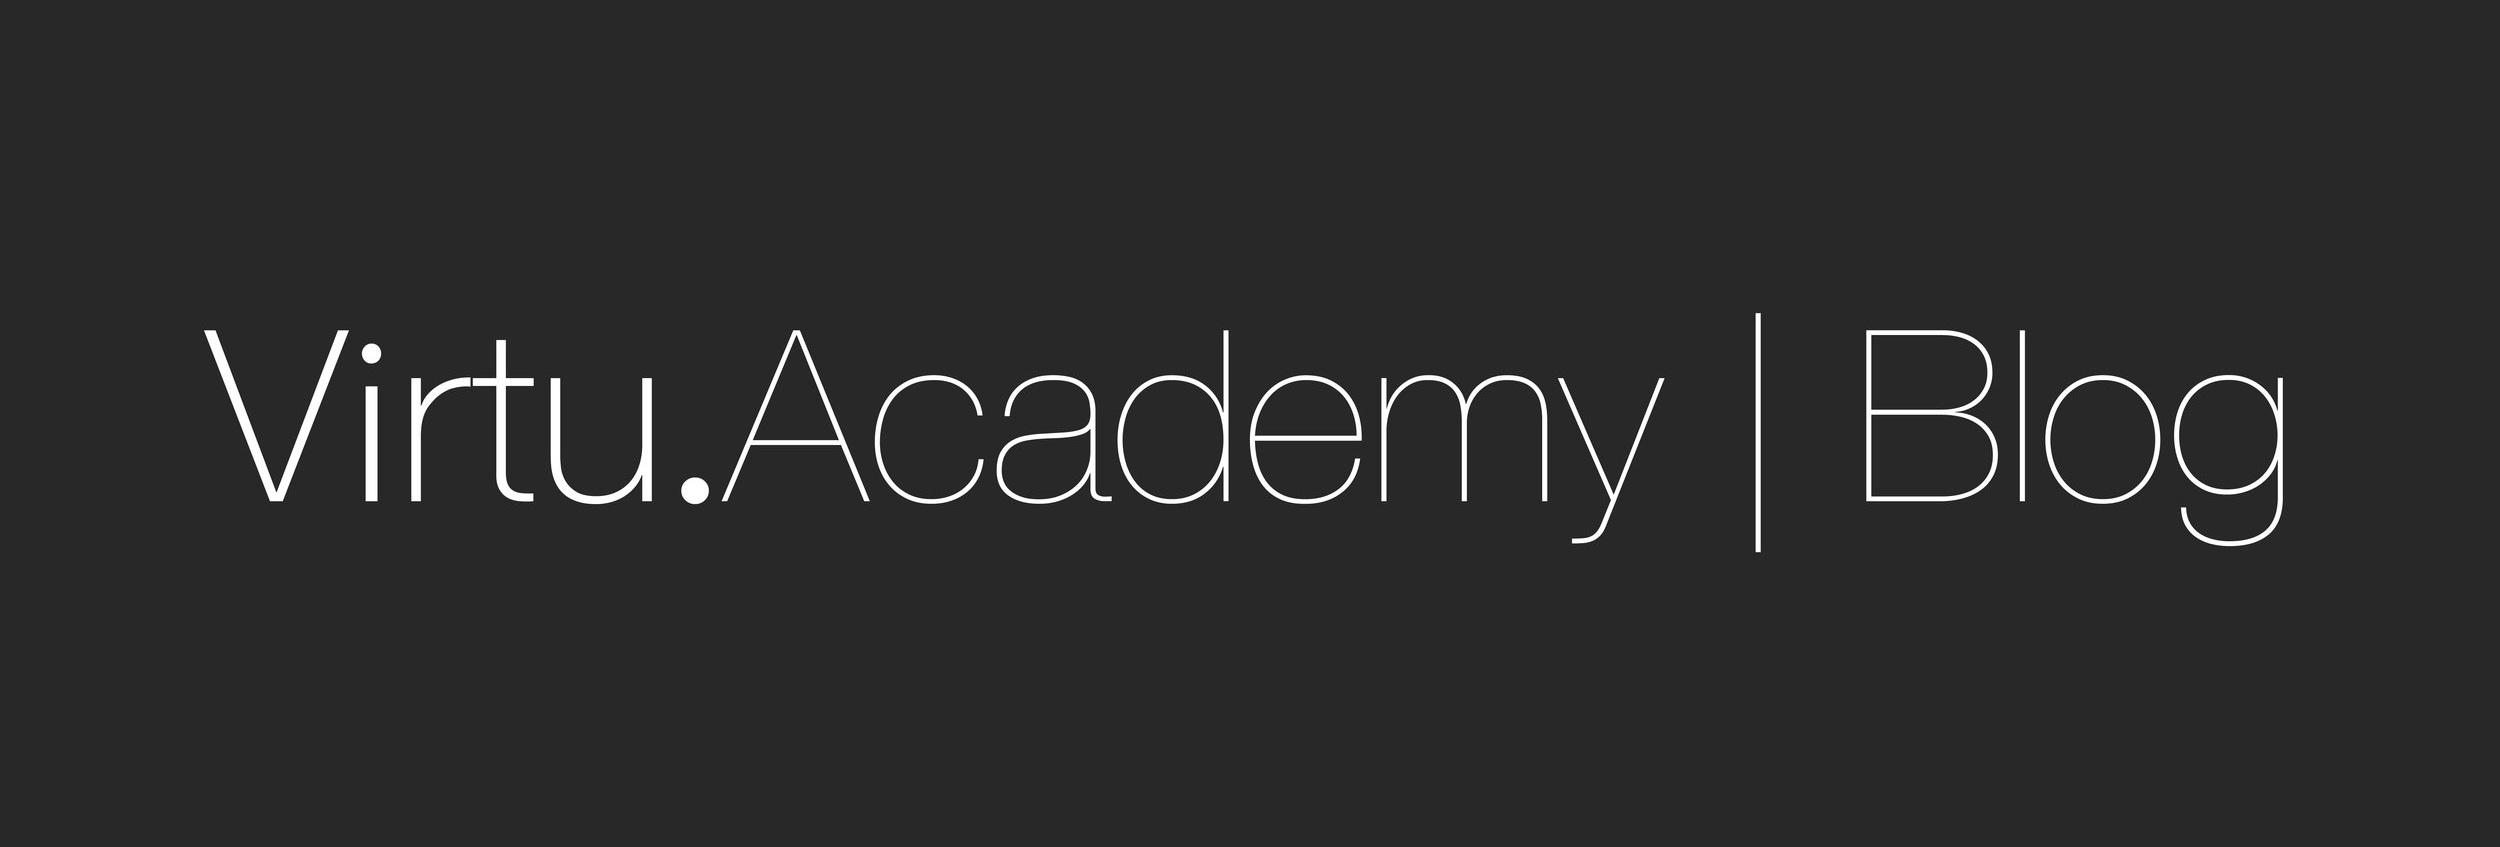 Virtu.Academy+Blog.jpg